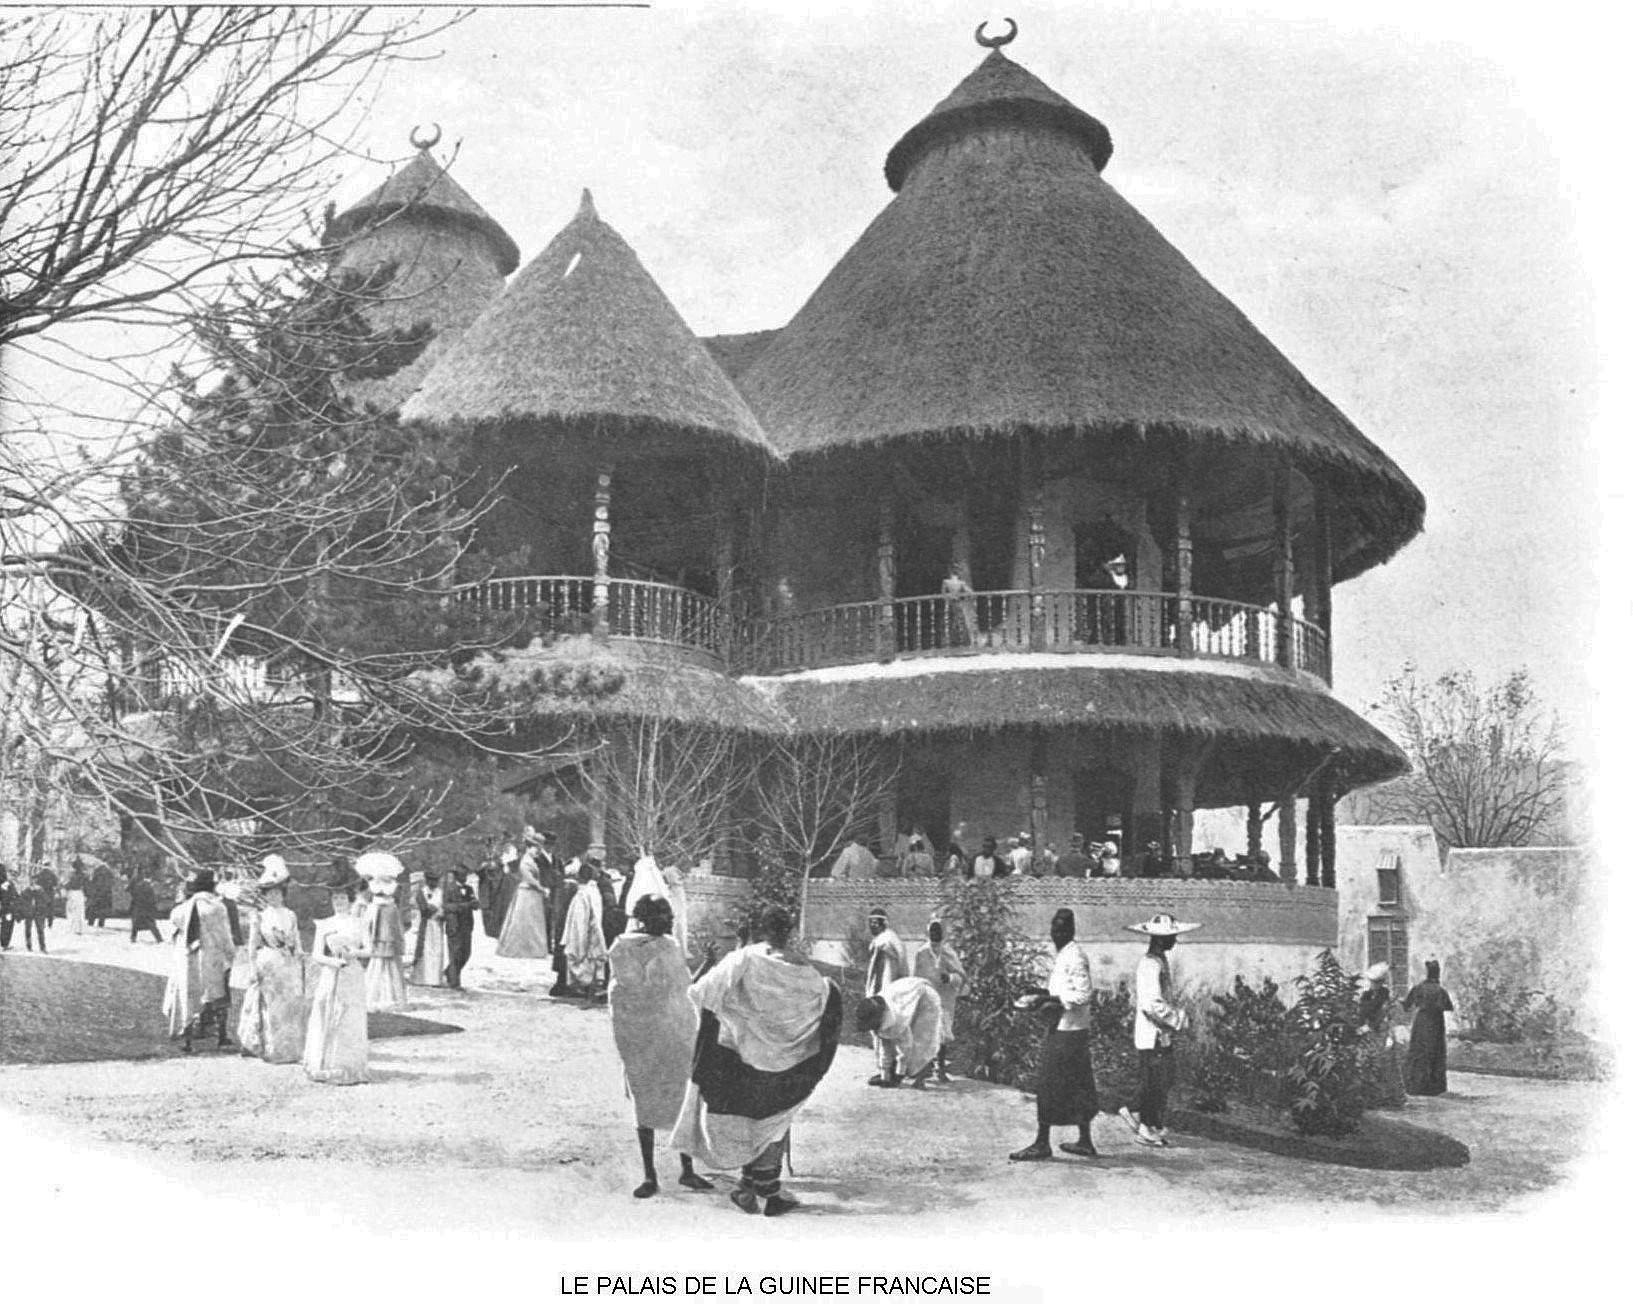 Ressources histoire exposition universelle 1900 le palais de la guinee francaise